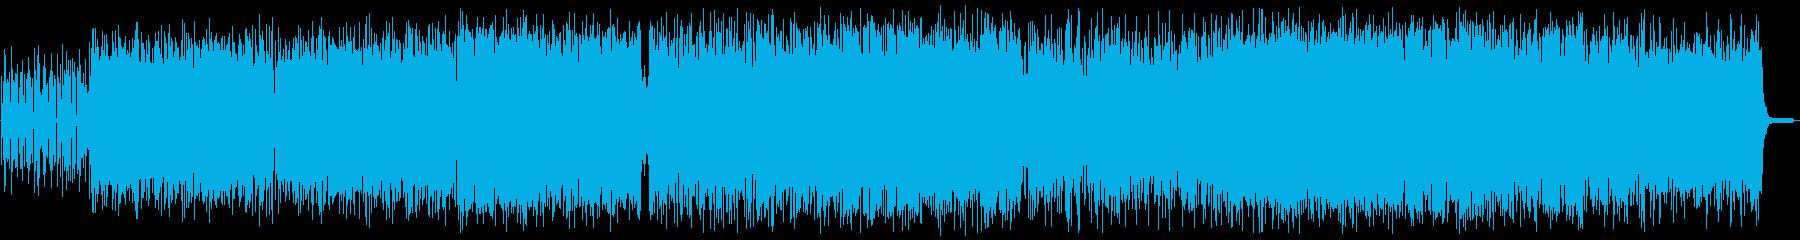 ポップでファンシーなテクノシンセサイザーの再生済みの波形